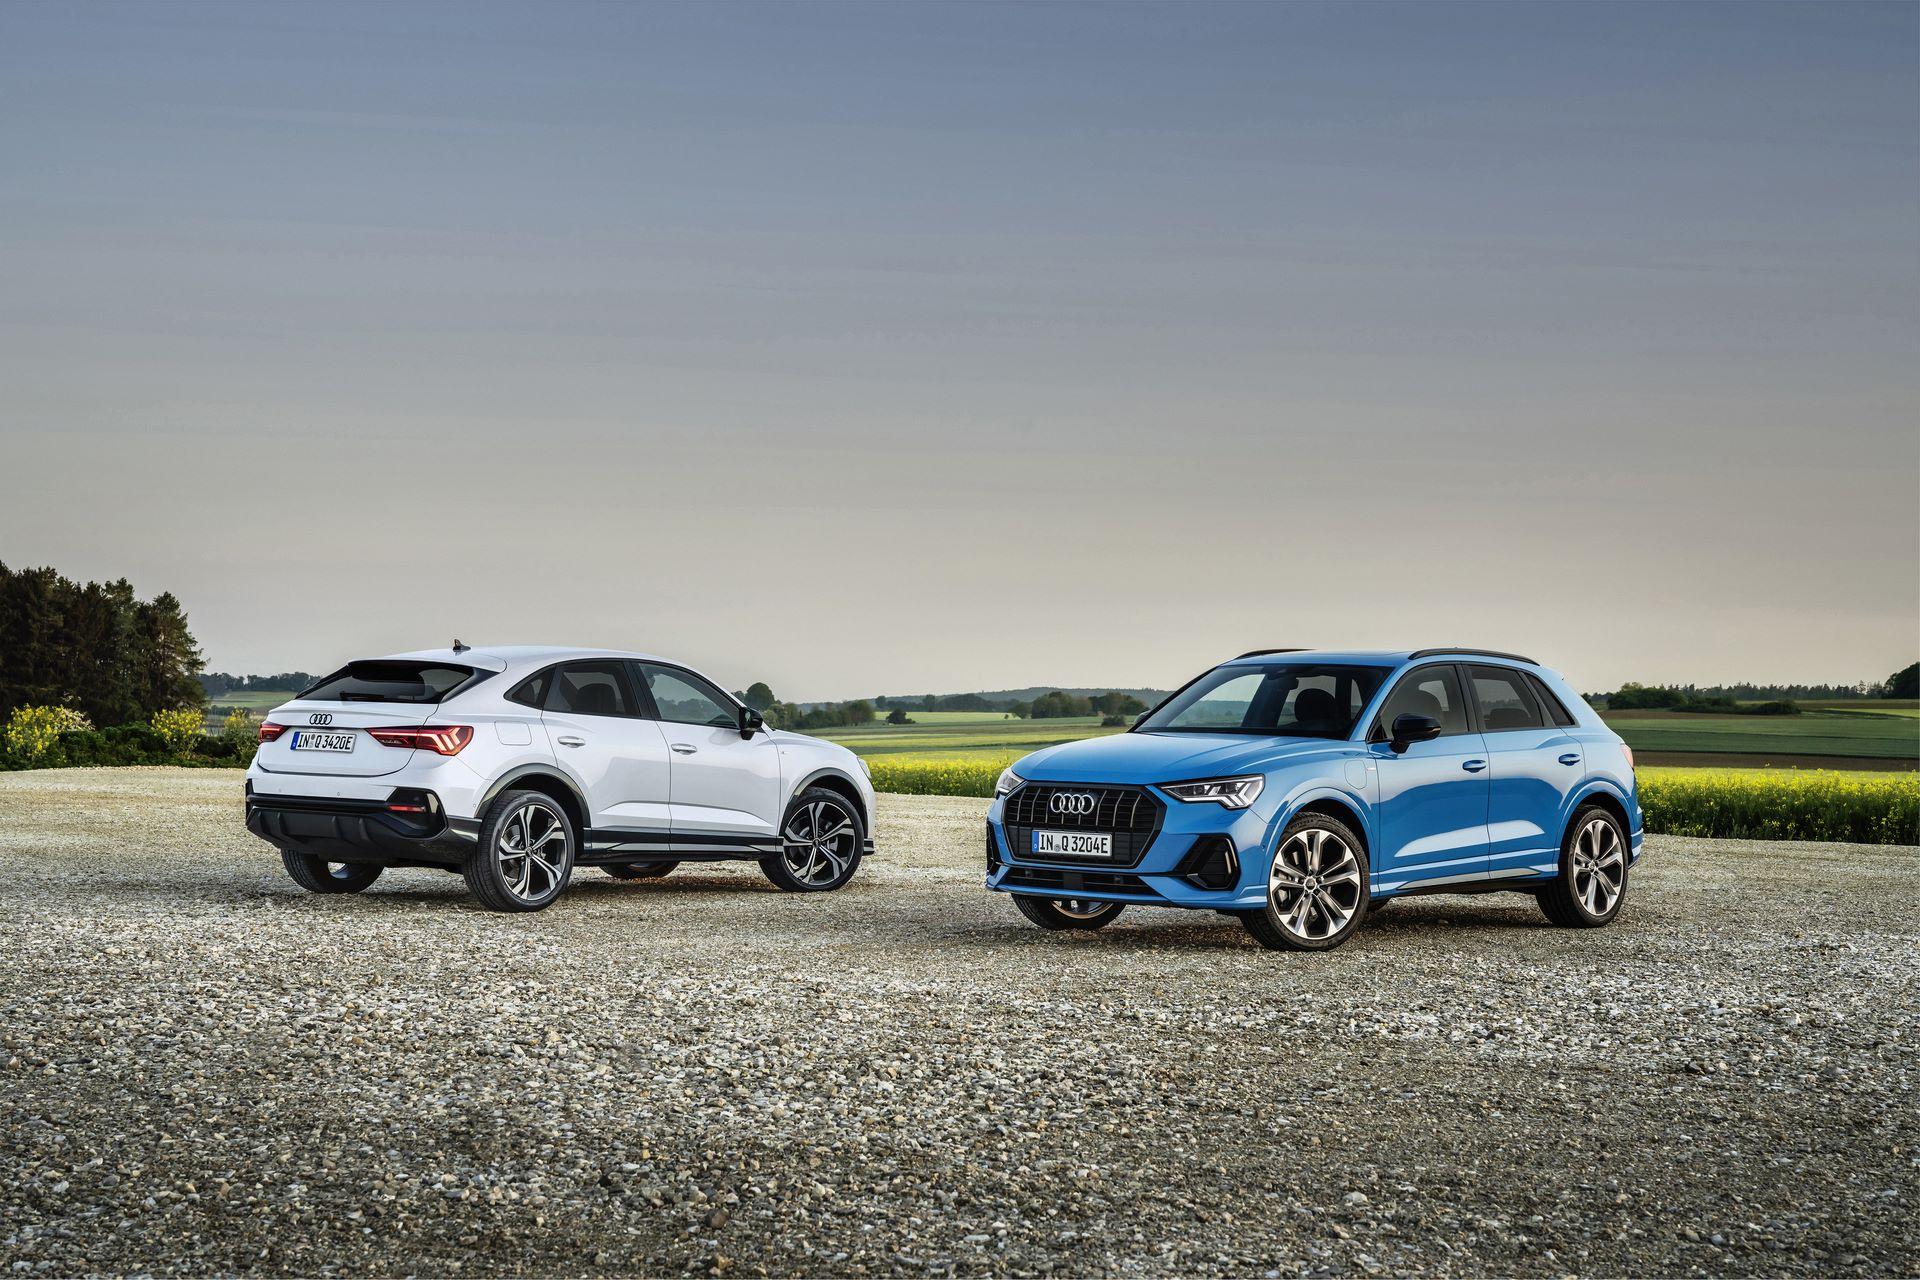 Audi Q3 Sportback 45 TFSI e / Audi Q3 45 TFSI e